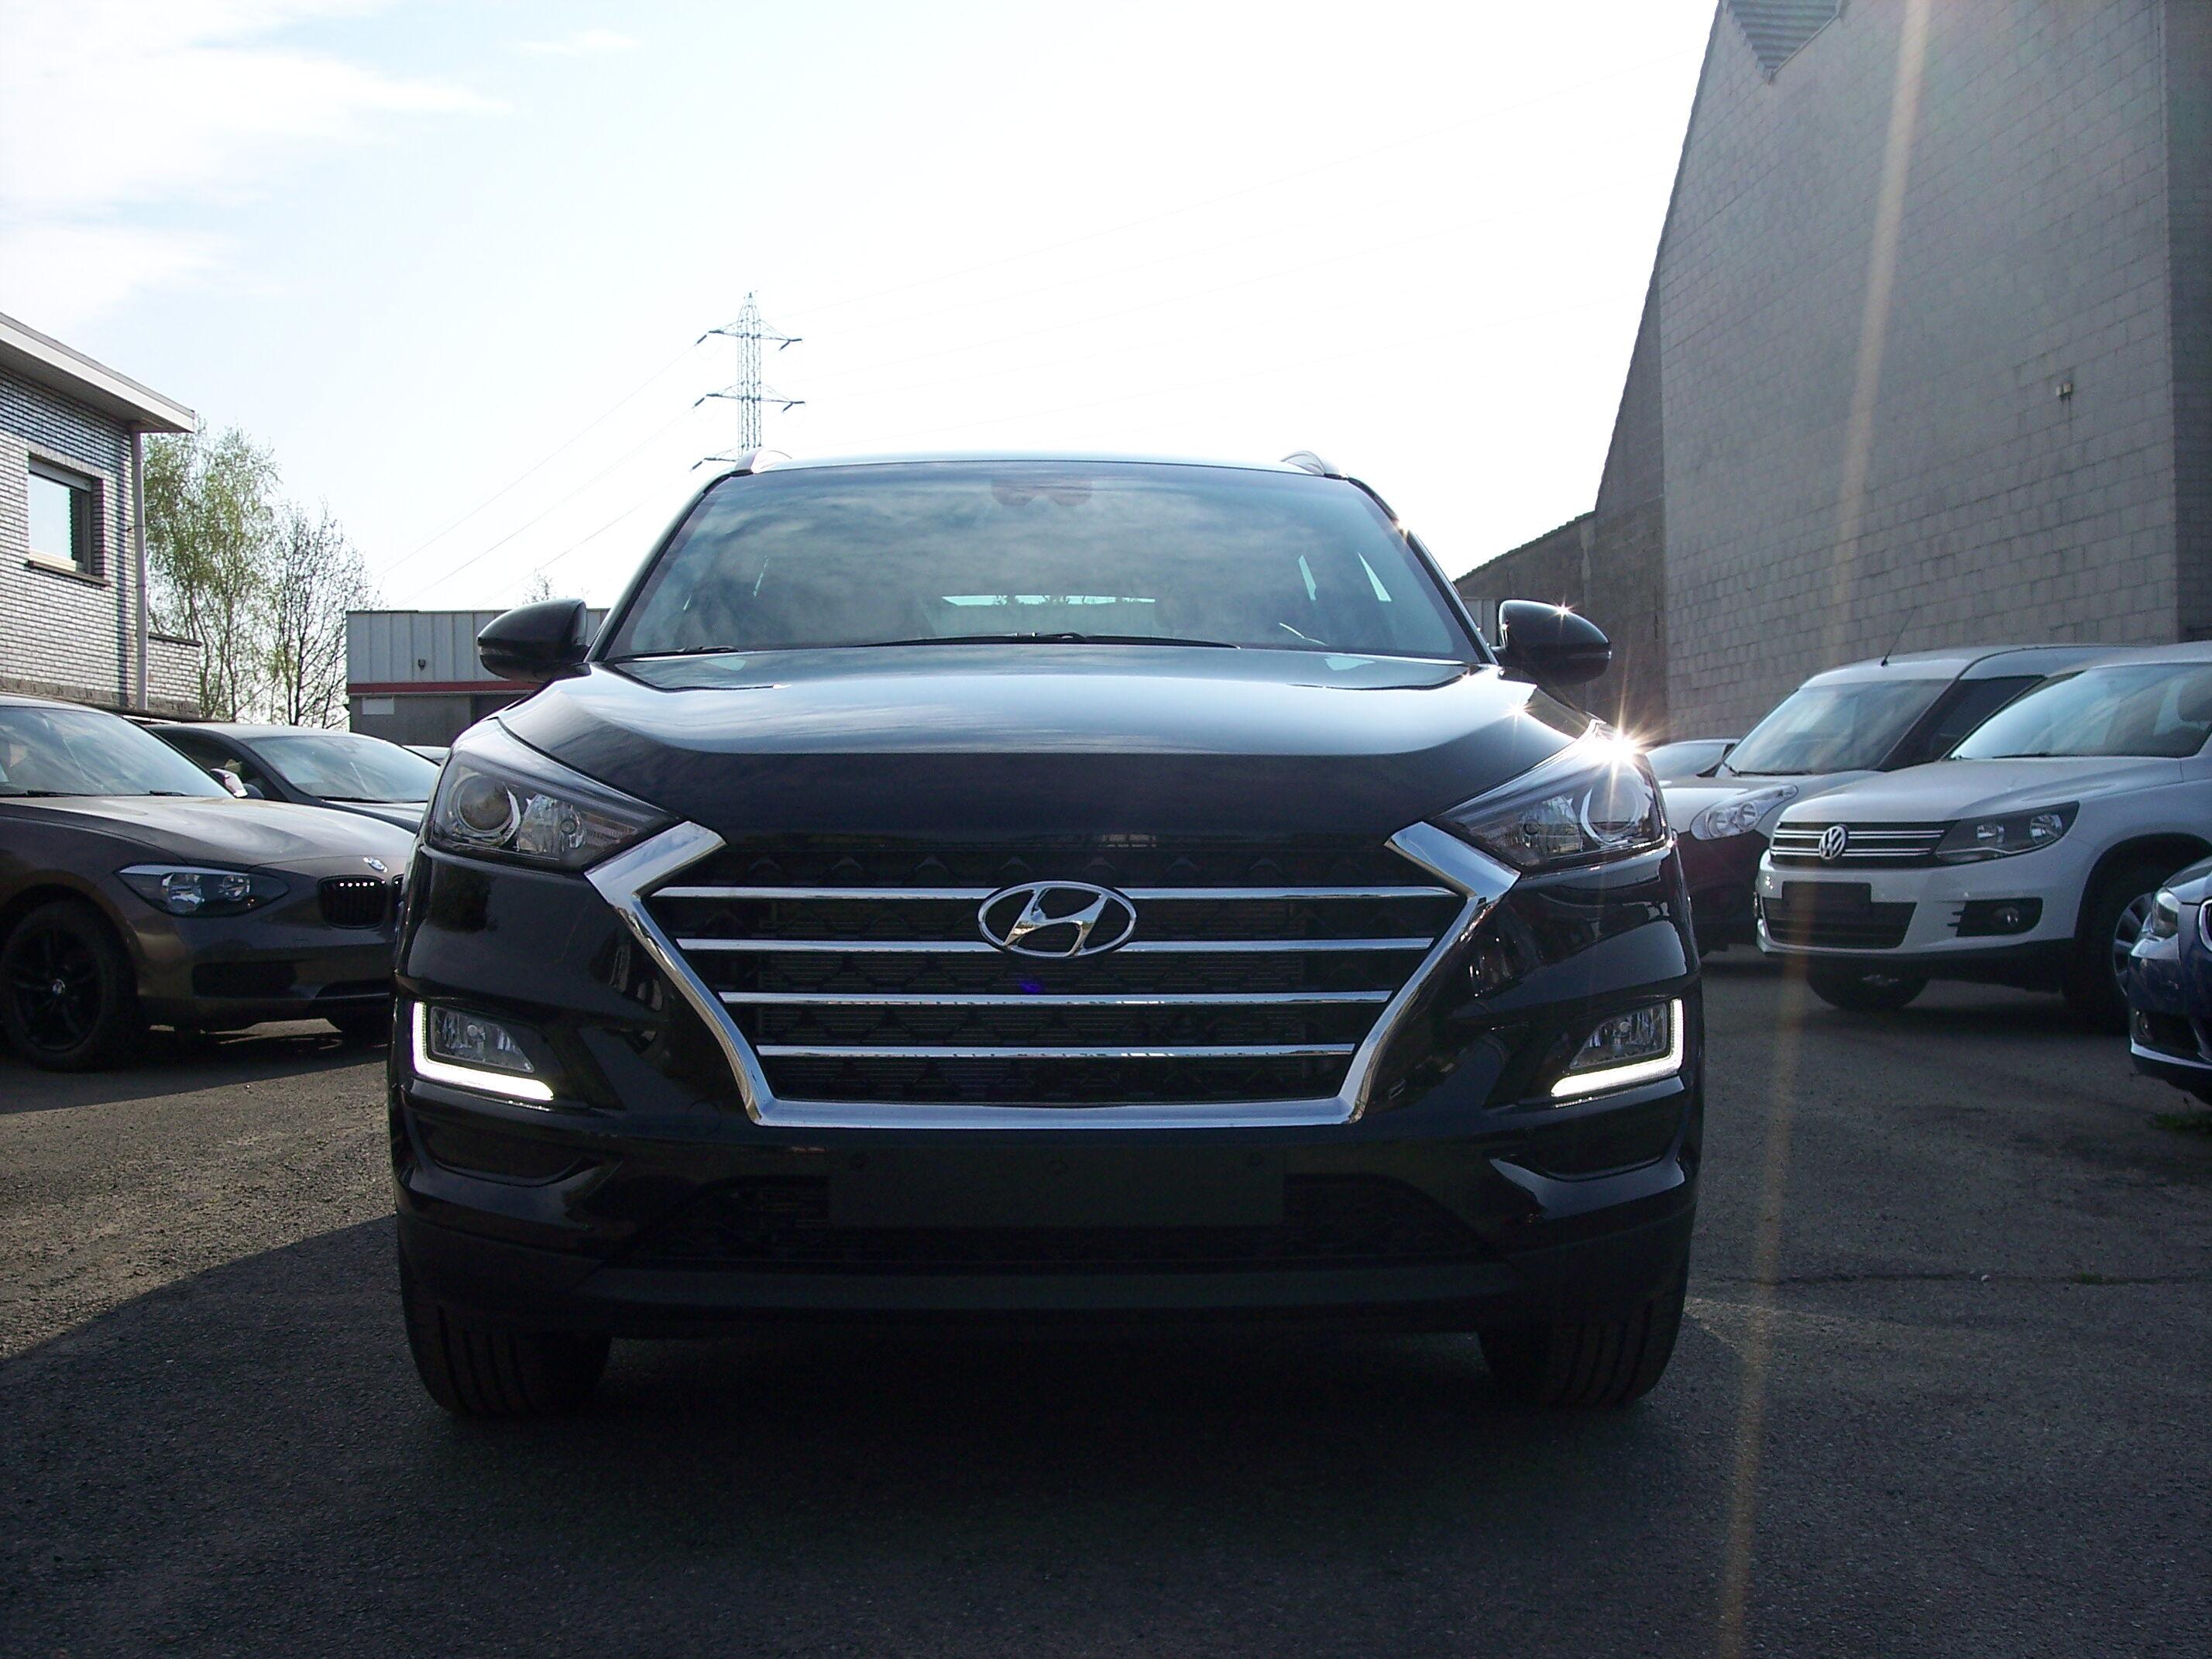 Hyundai Tuson NEW TUCSON 1.6 GDI ISG 2/19